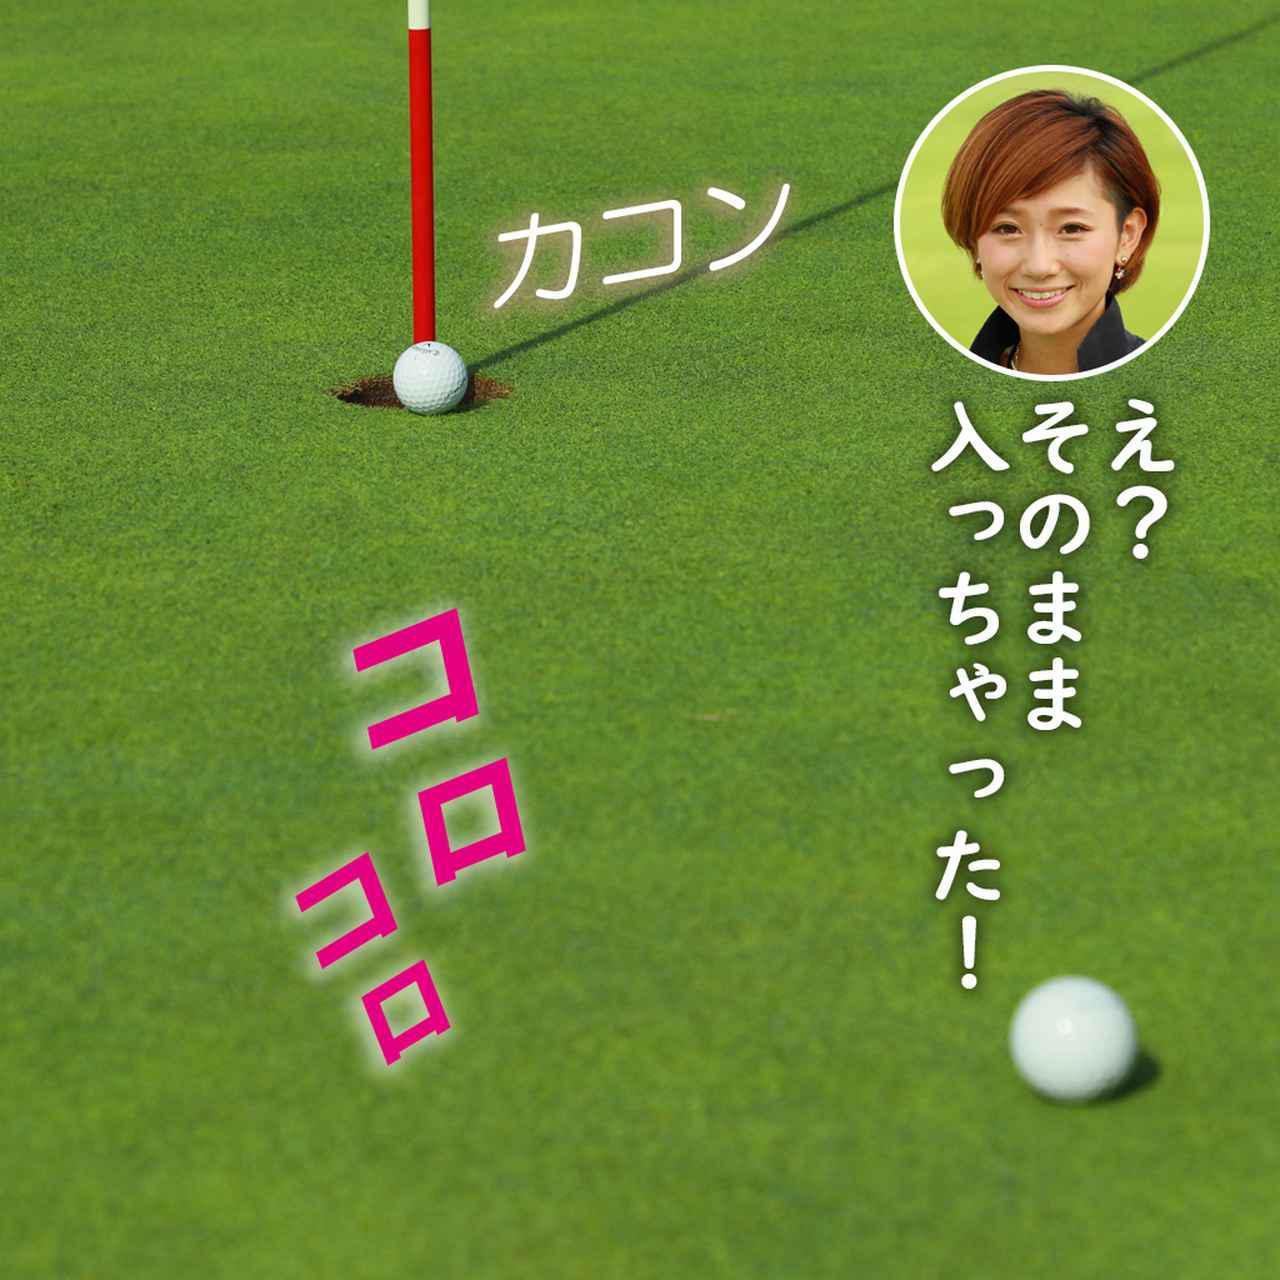 画像: 【新ルール】同伴者の球に当たってカップイン。こんなときどうする? - ゴルフへ行こうWEB by ゴルフダイジェスト